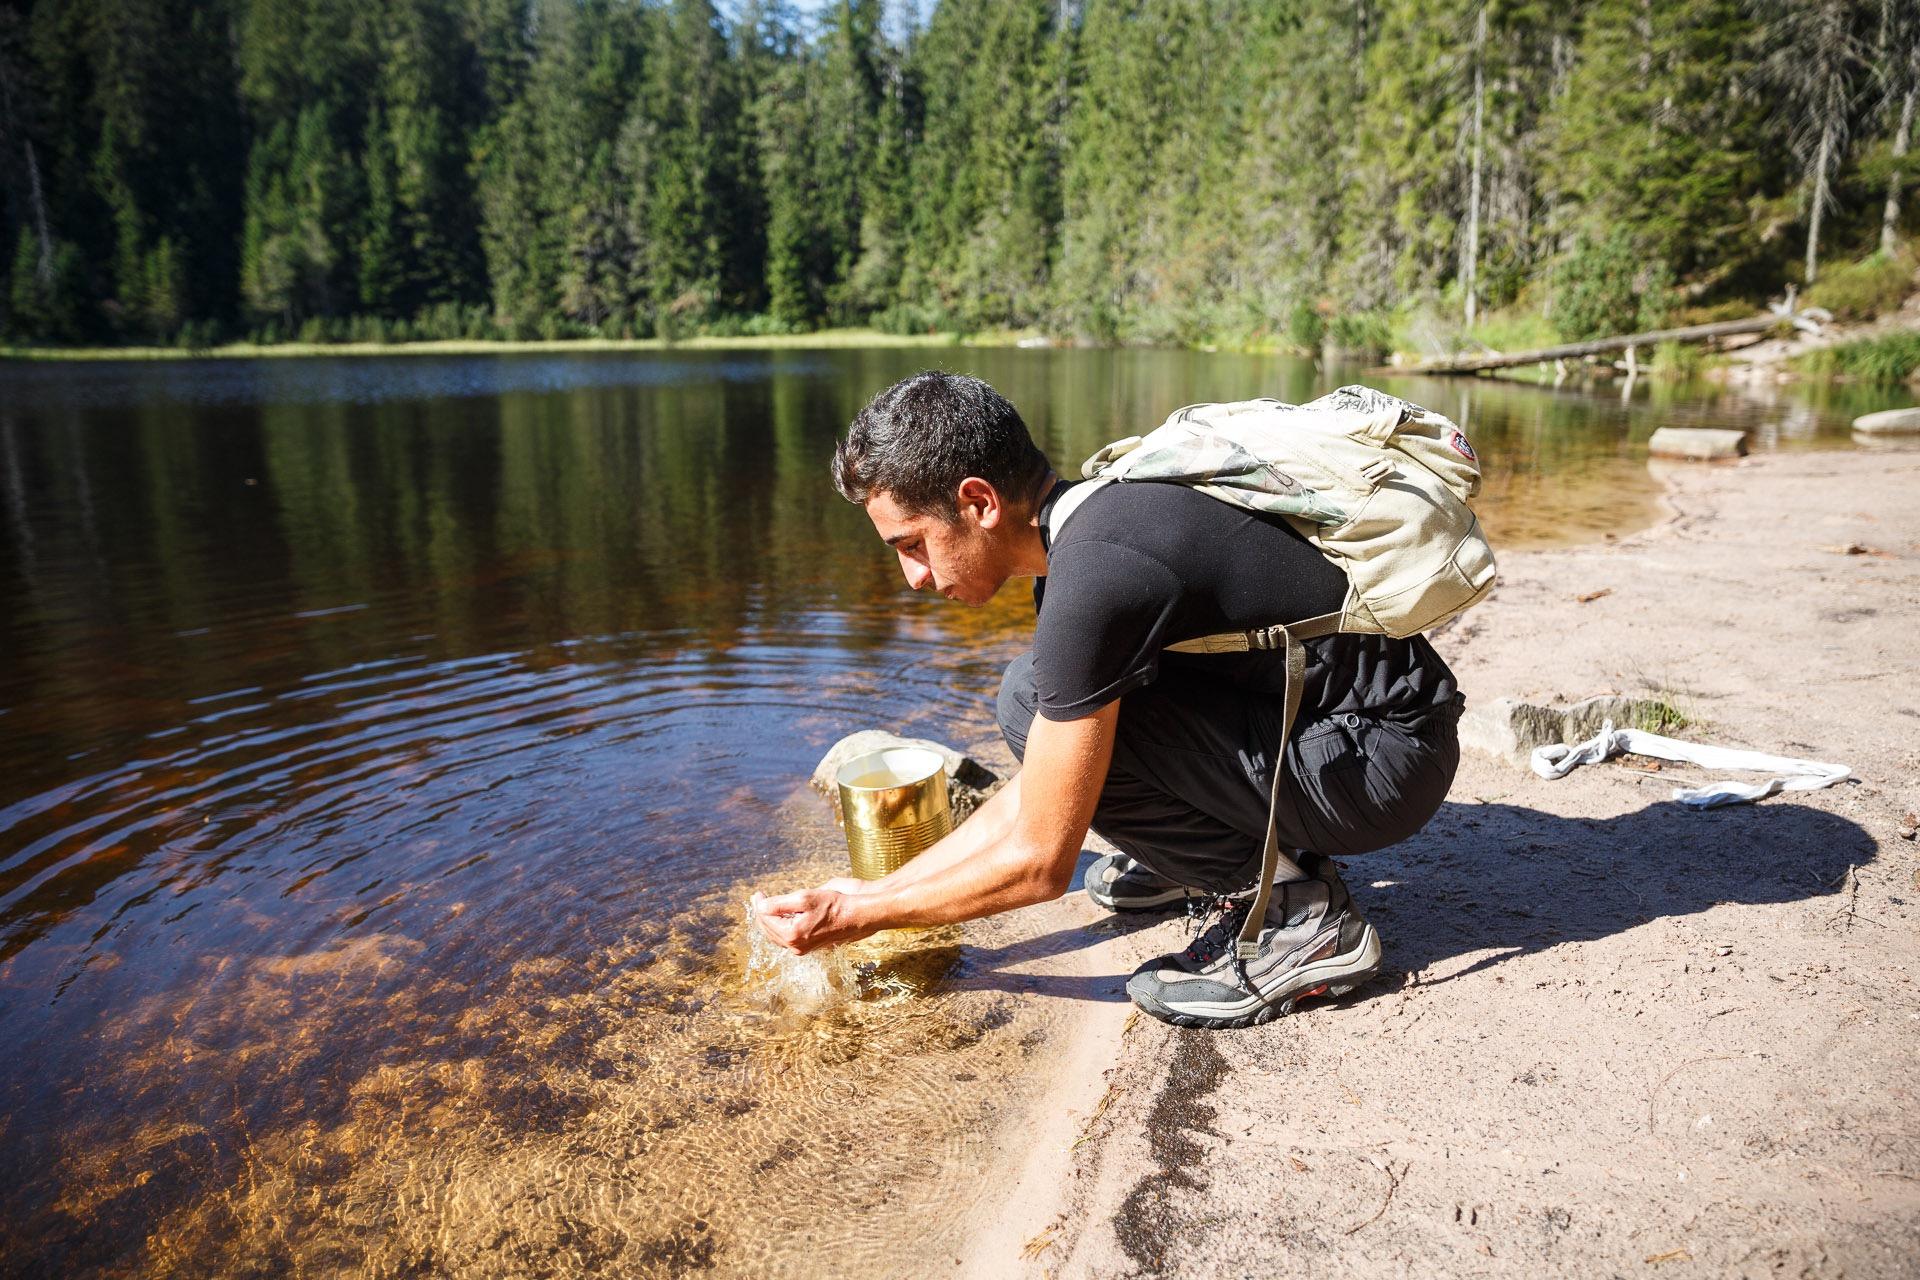 Die letzte Herausforderung für die Teilnehmer wartet am wohlbekannten Wildsee in der Nähe der Darmstädter Hütte, die gleichzeitig den Endpunkt des Abenteuer-Treks markiert.